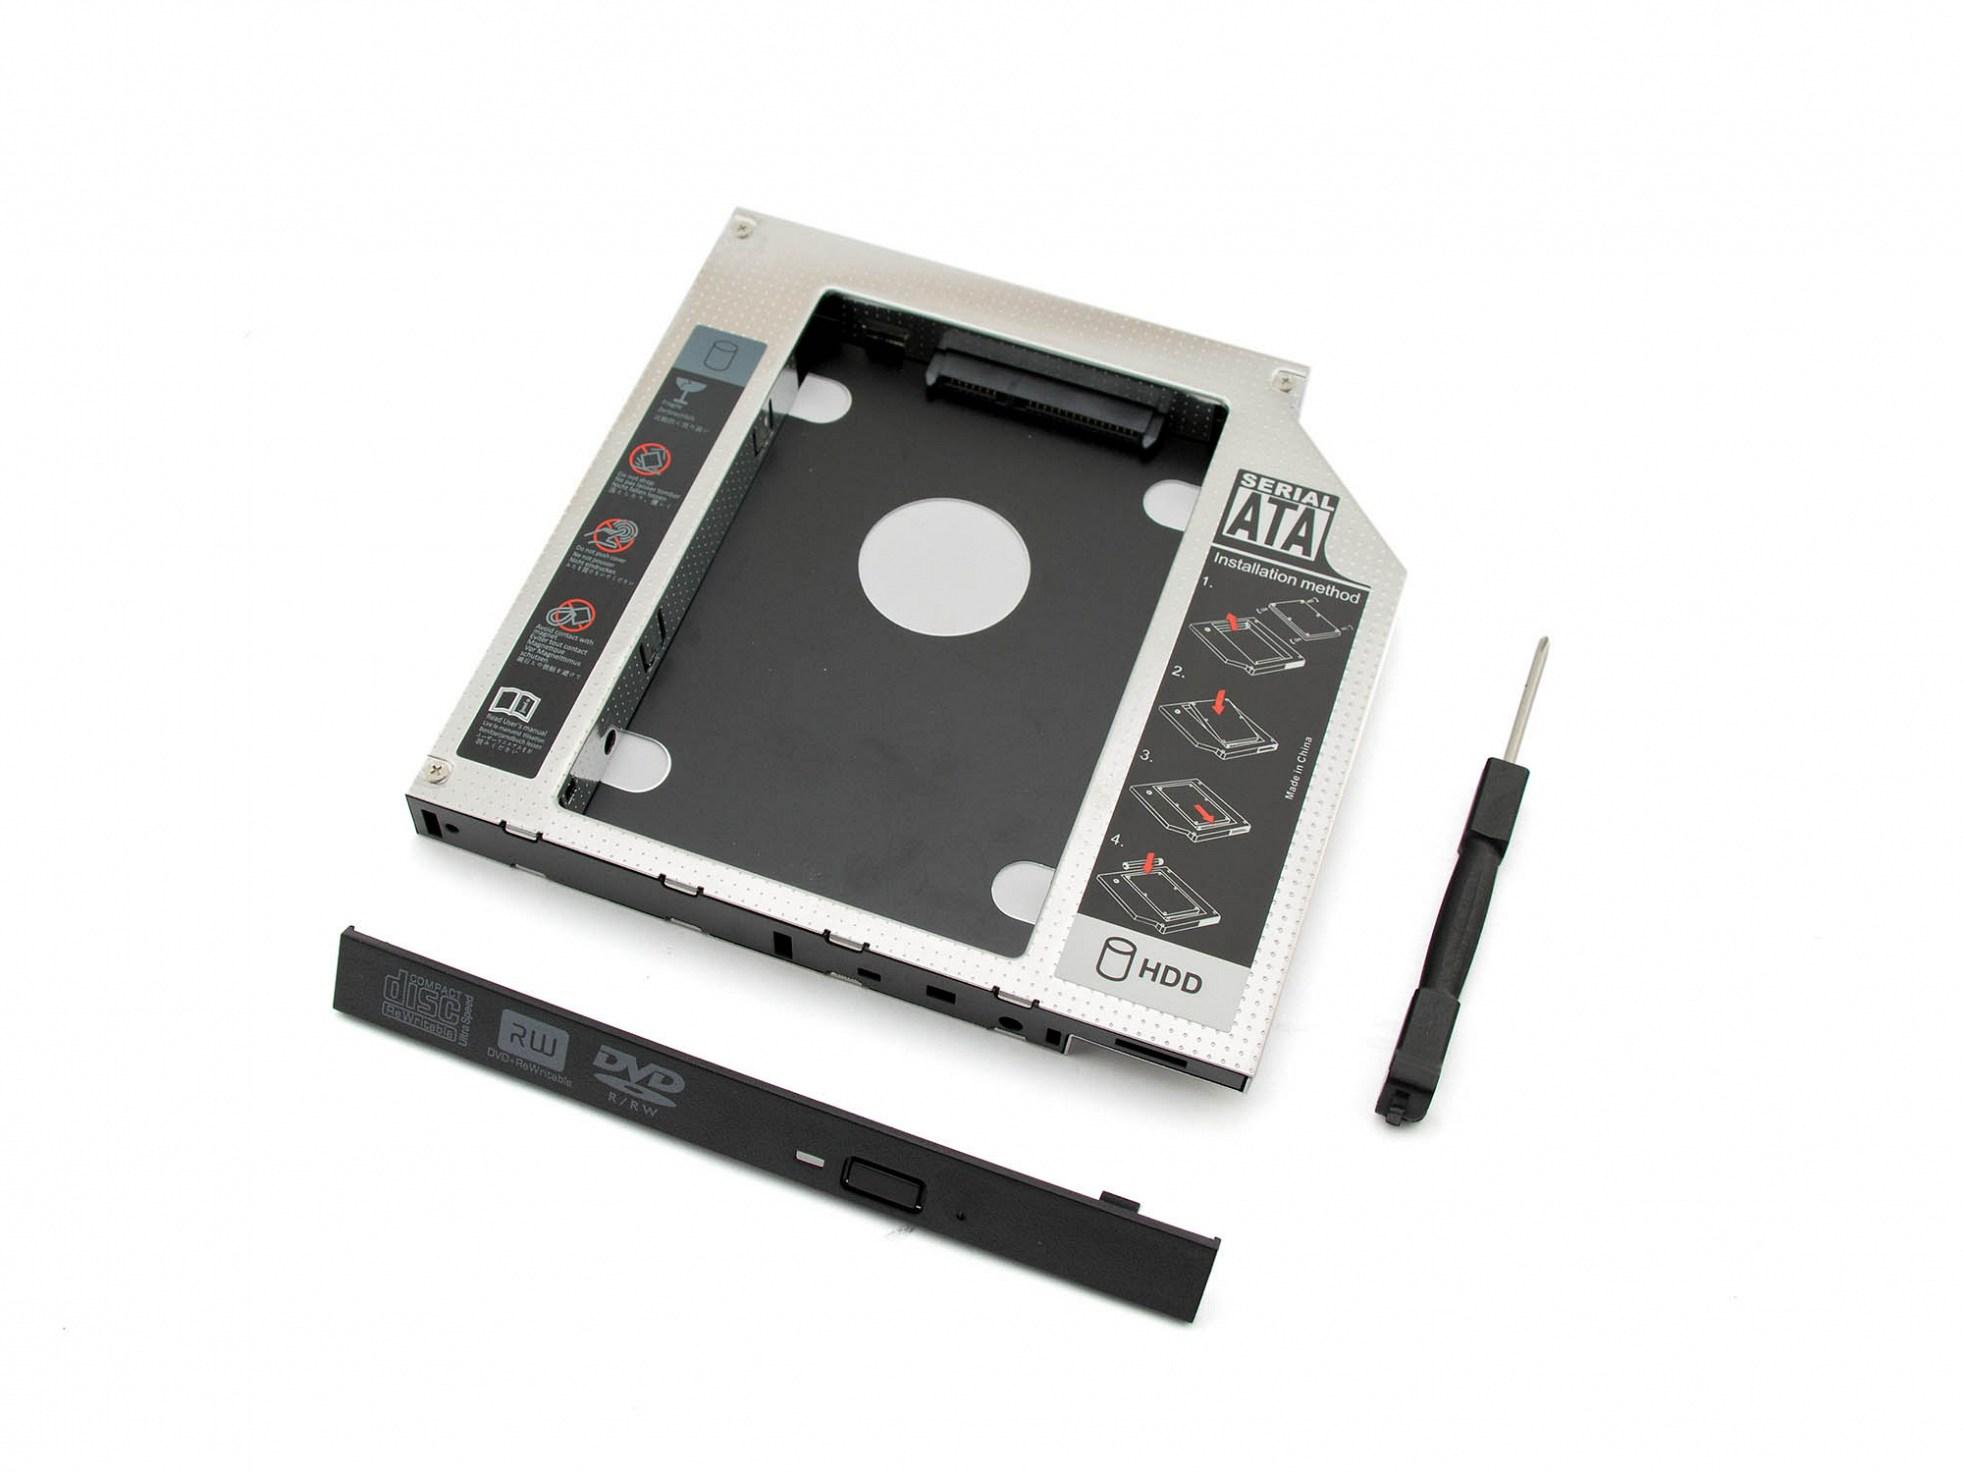 Einbaurahmen SATA 2.Festplatte für ODD-Schacht für Fujitsu Amilo Li-3910 Reg.No. EF9